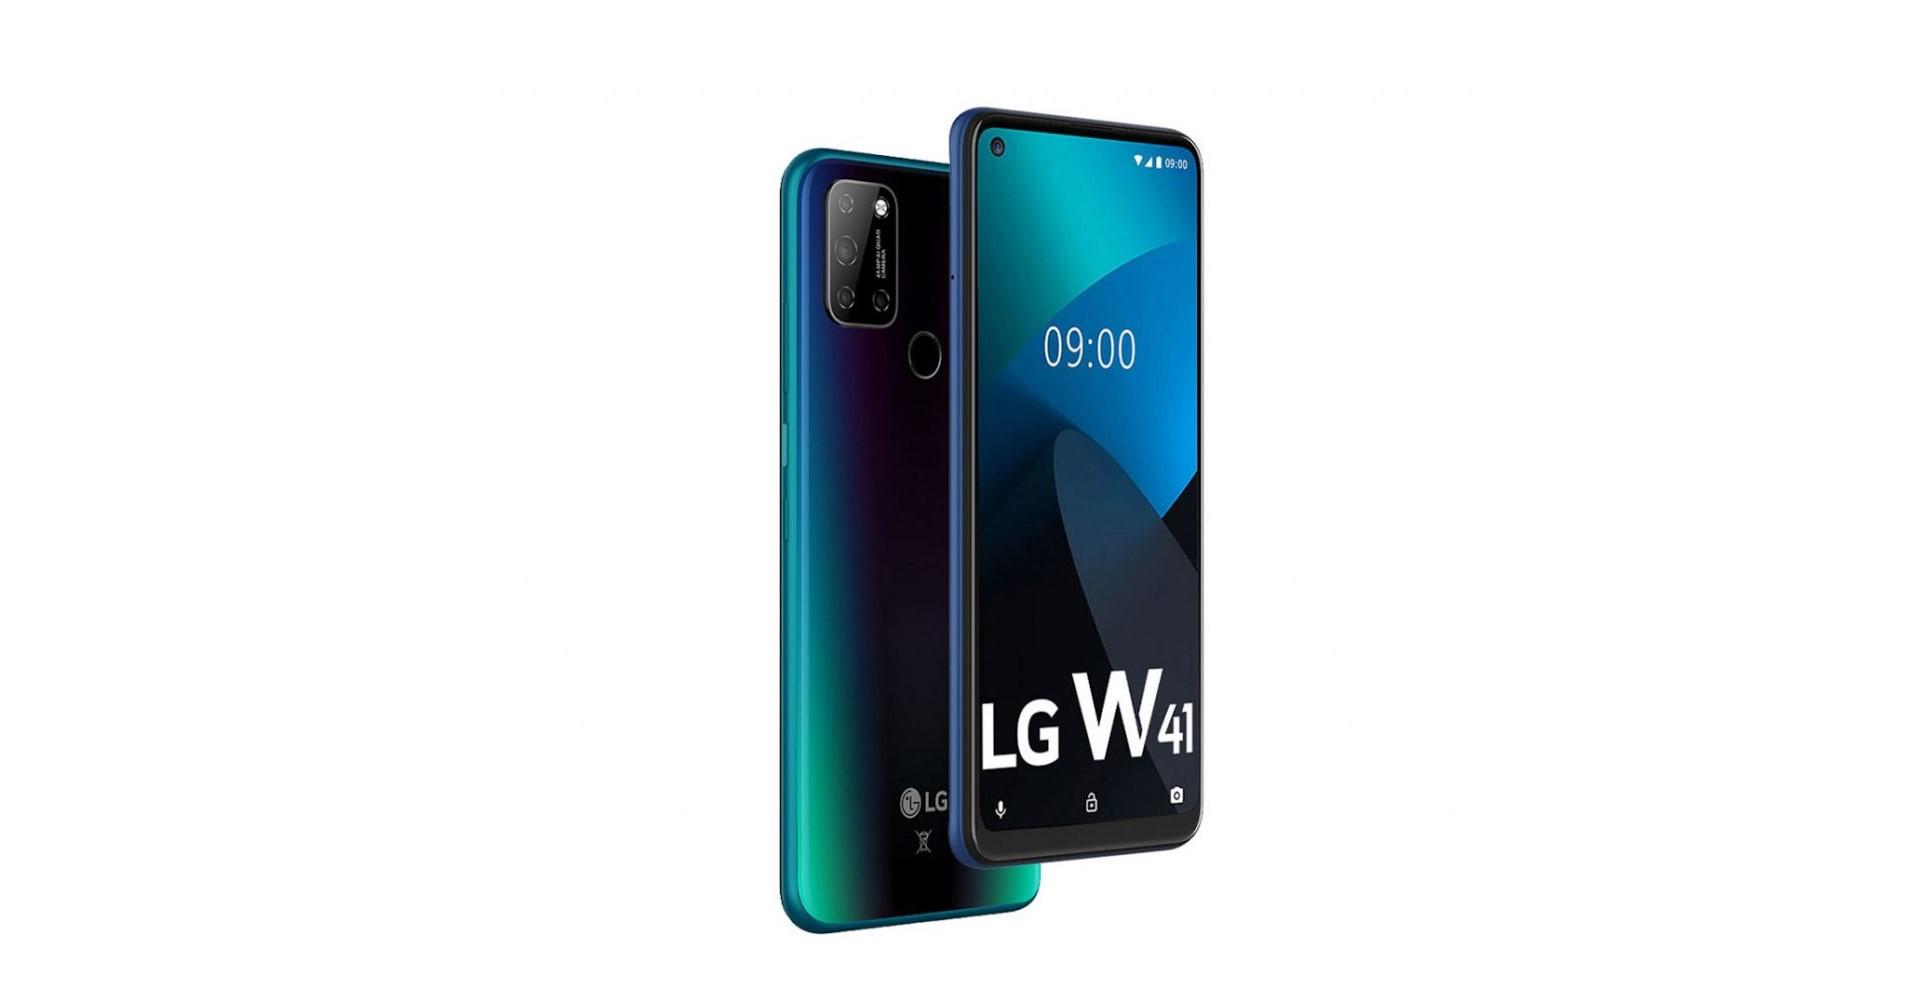 LG představilo modely W41, W41+ a W41 Pro